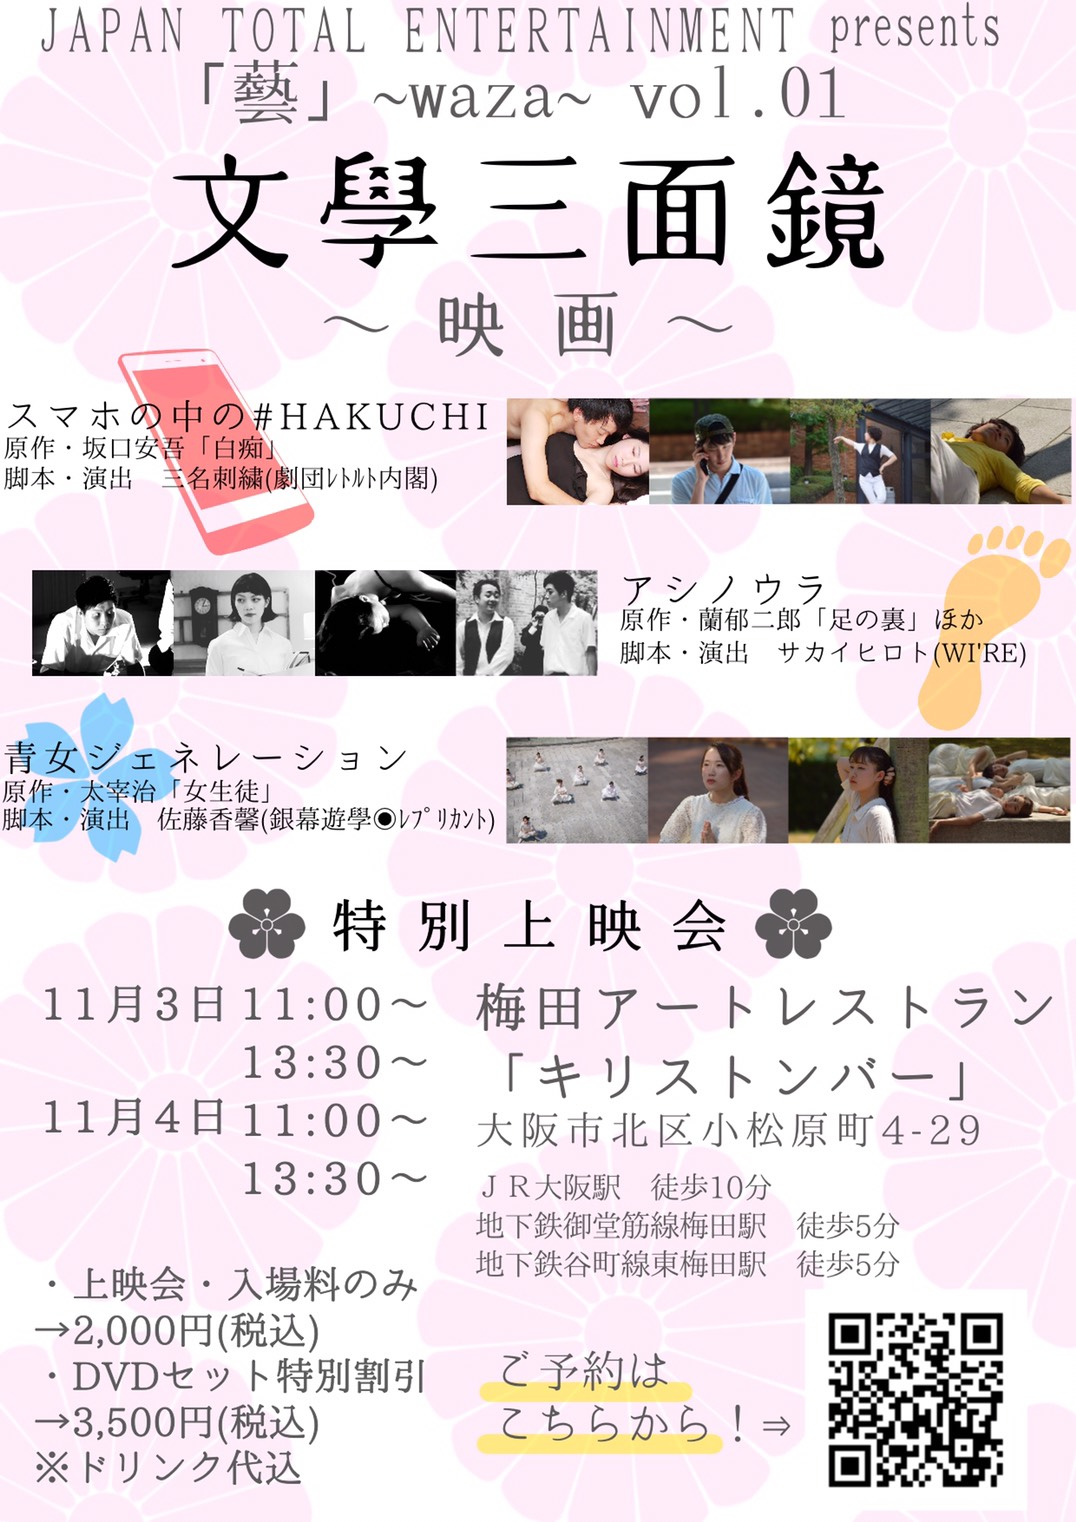 藝~waza~ vol.01「文學三面鏡」  【特別上映会】開催決定!